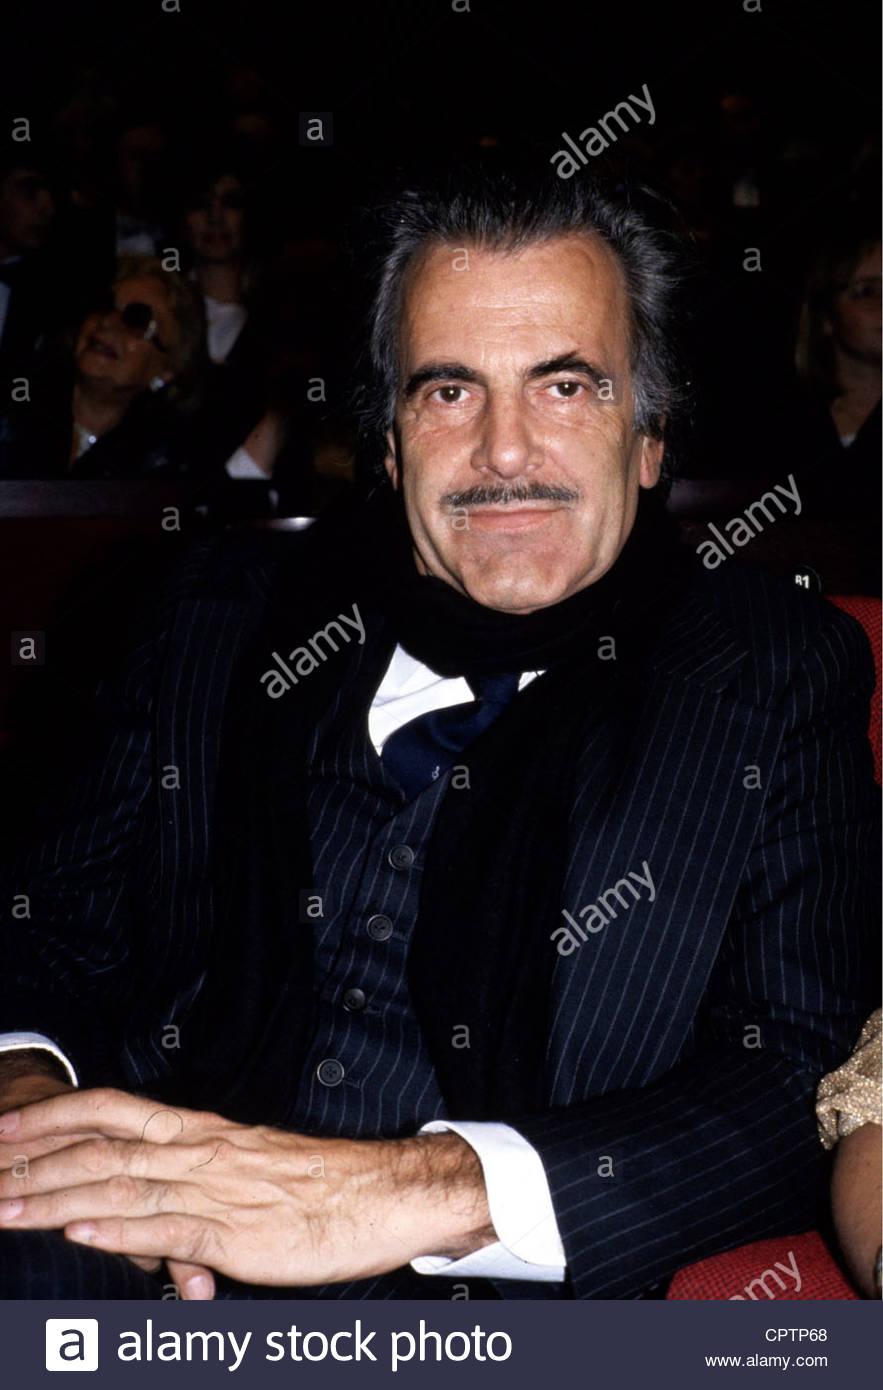 Schell, Maximilian, * 8.12.1930, Austrian actor, portrait, 1980s, moustache, scarf, - Stock Image